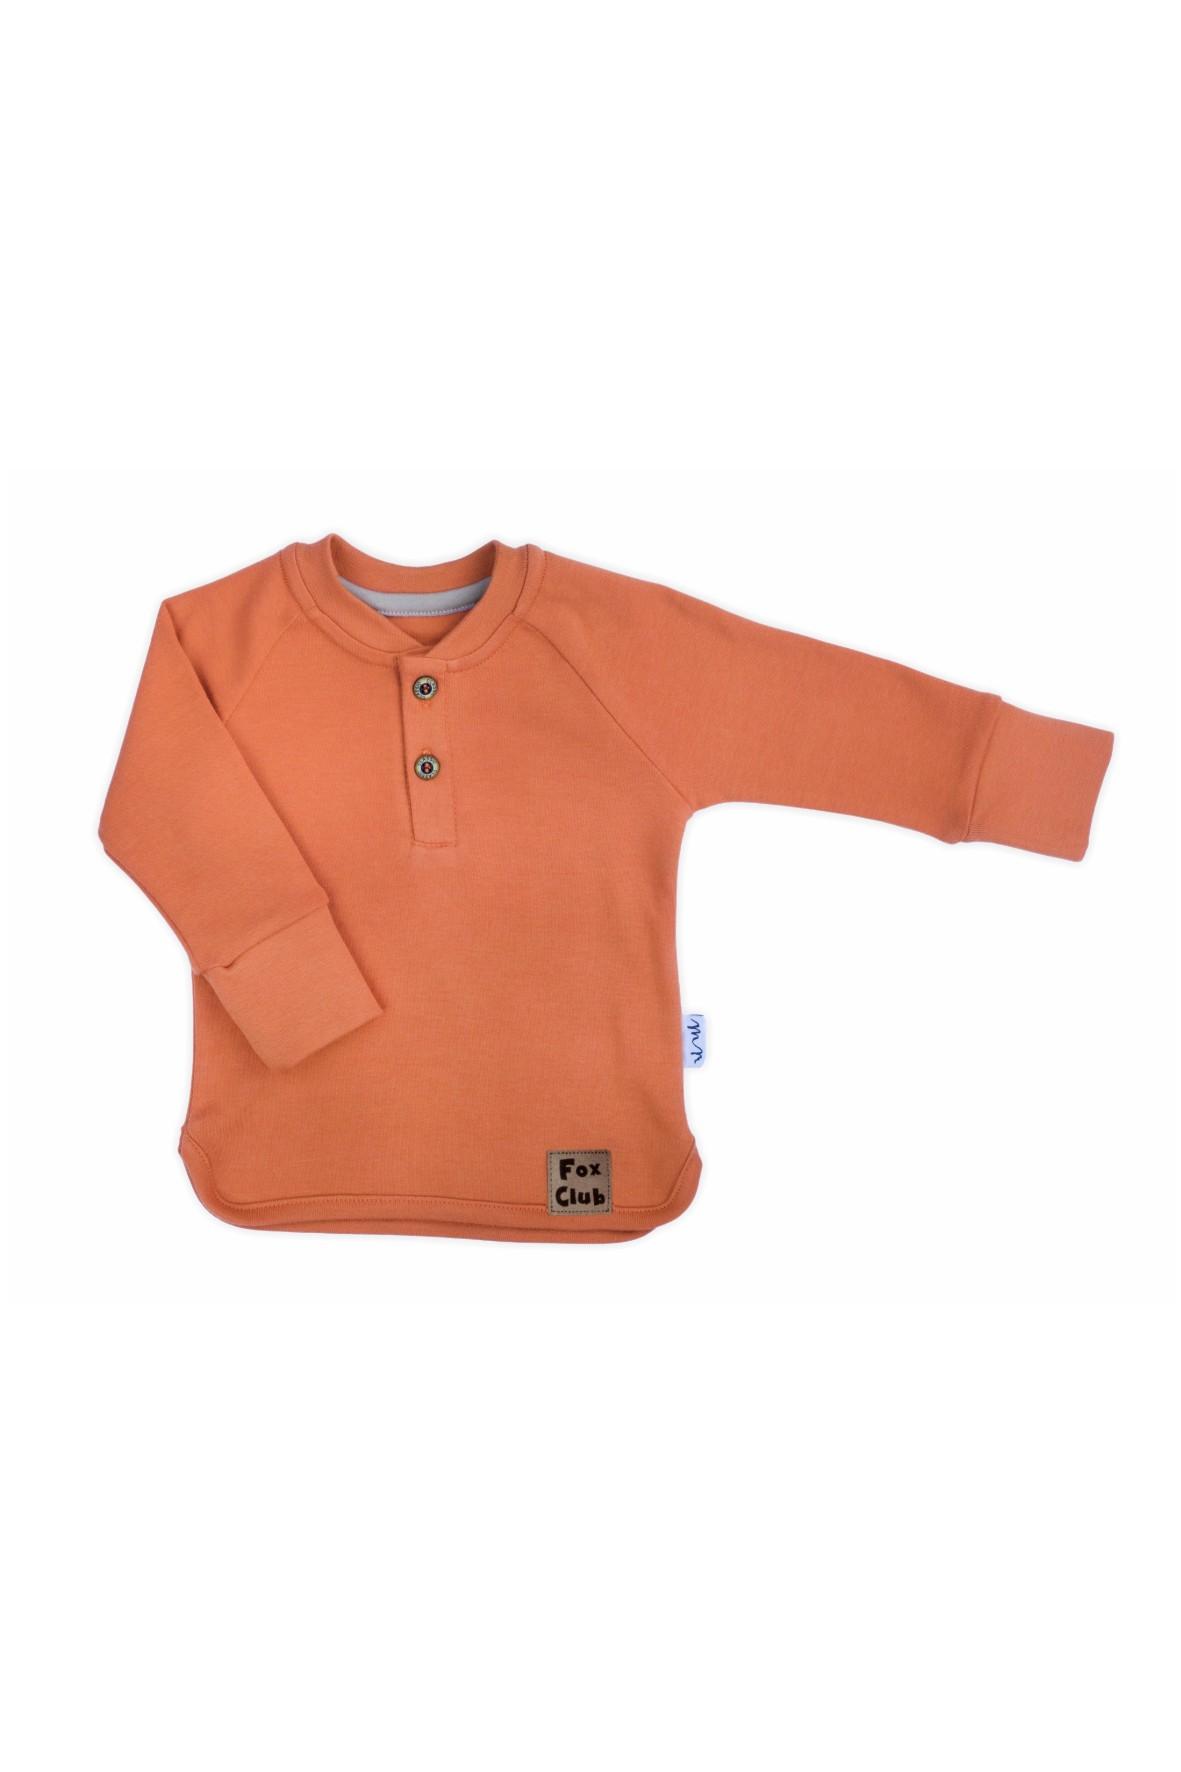 Bluzka niemowlęca Fox Club -długi rękaw